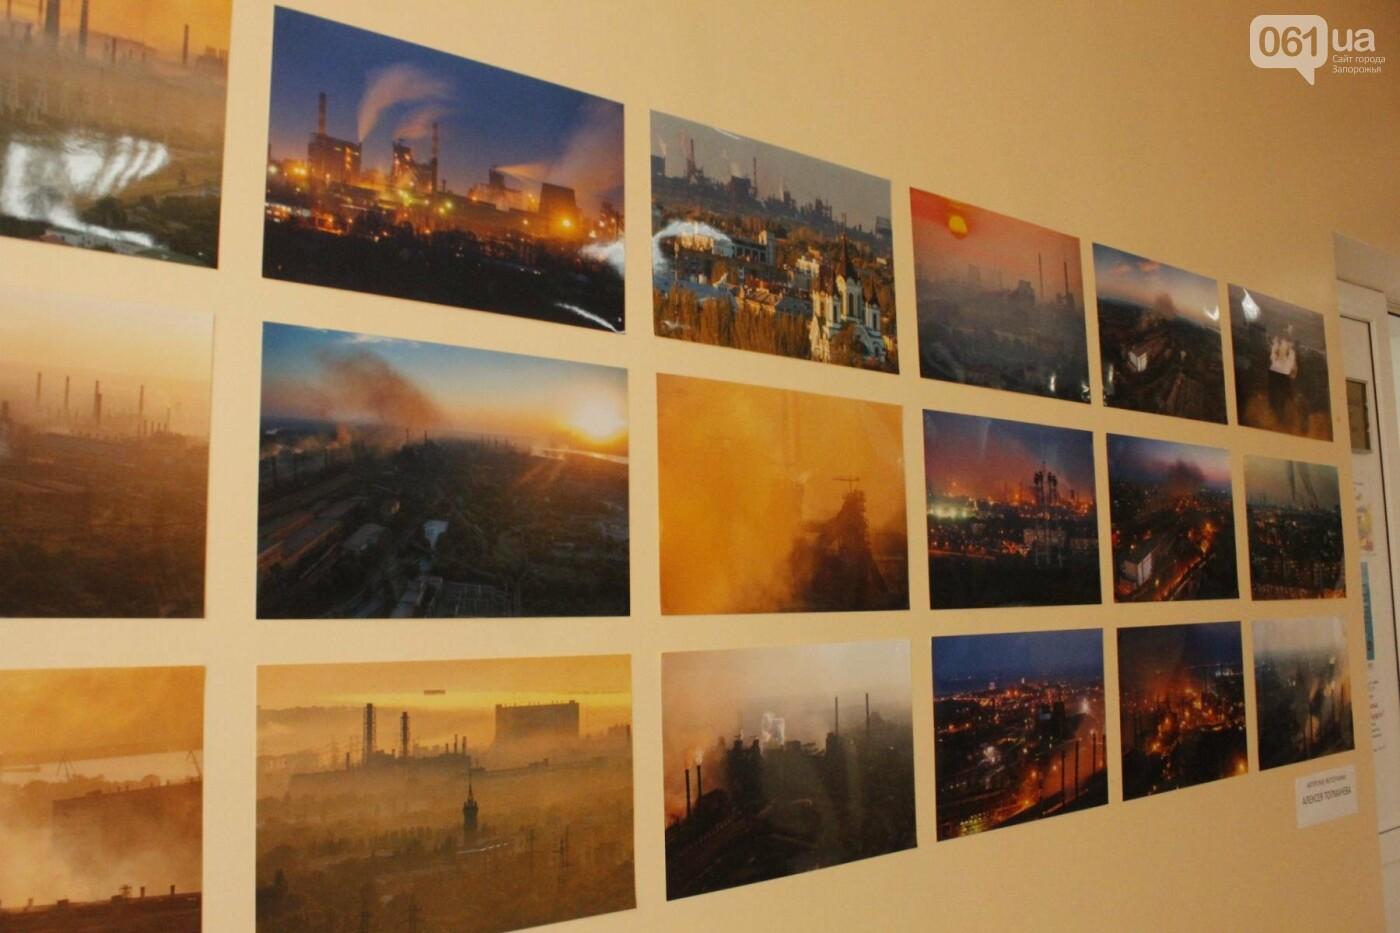 """Организаторы фотовыставки """"Экоцид по-запорожски"""" планируют провести её за границей, - ФОТОРЕПОРТАЖ, фото-11"""